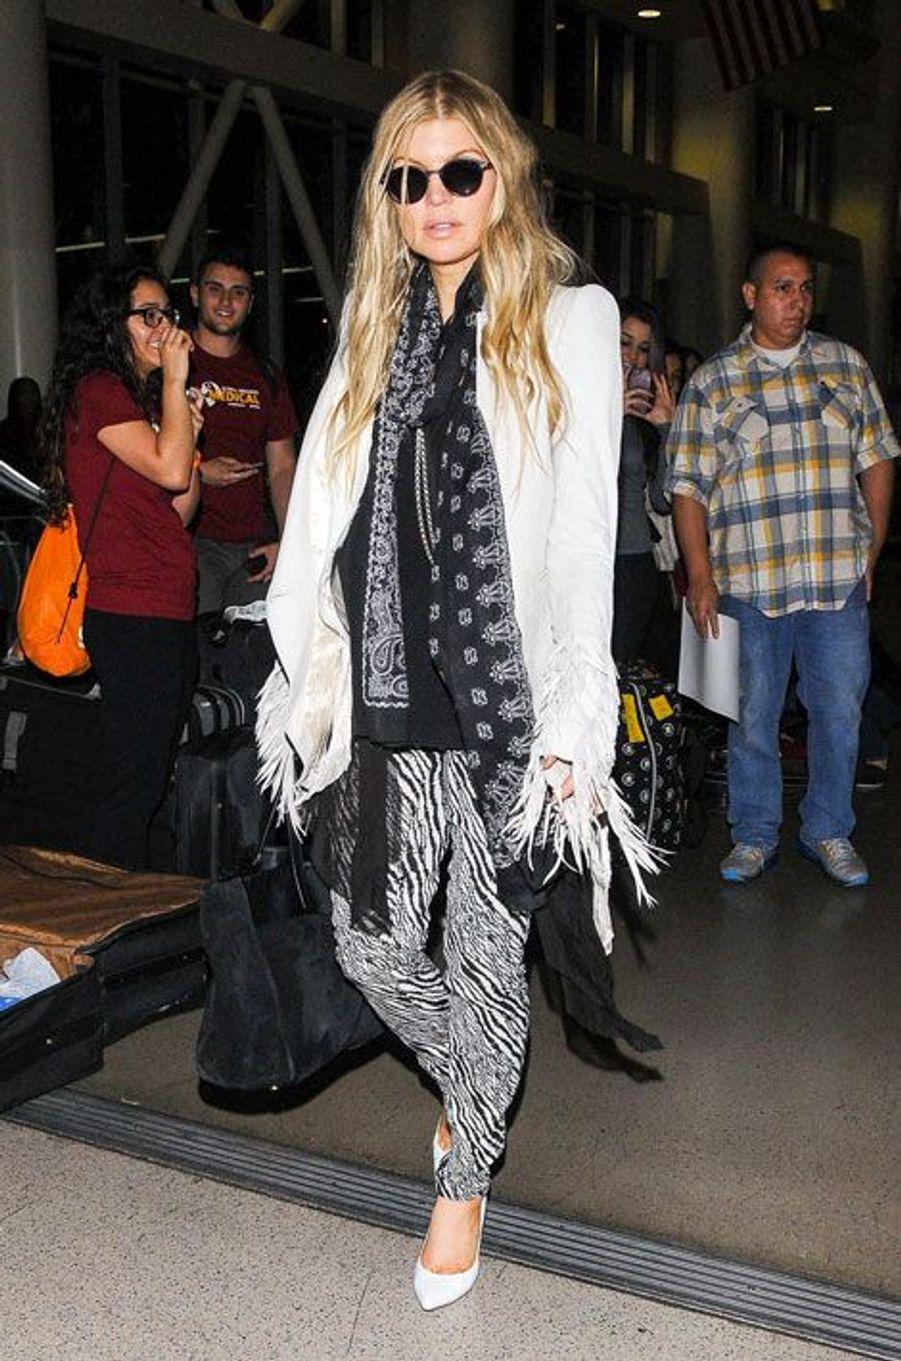 La chanteuse américaine Fergie à l'aéroport de Los Angeles, le 21 mars 2014